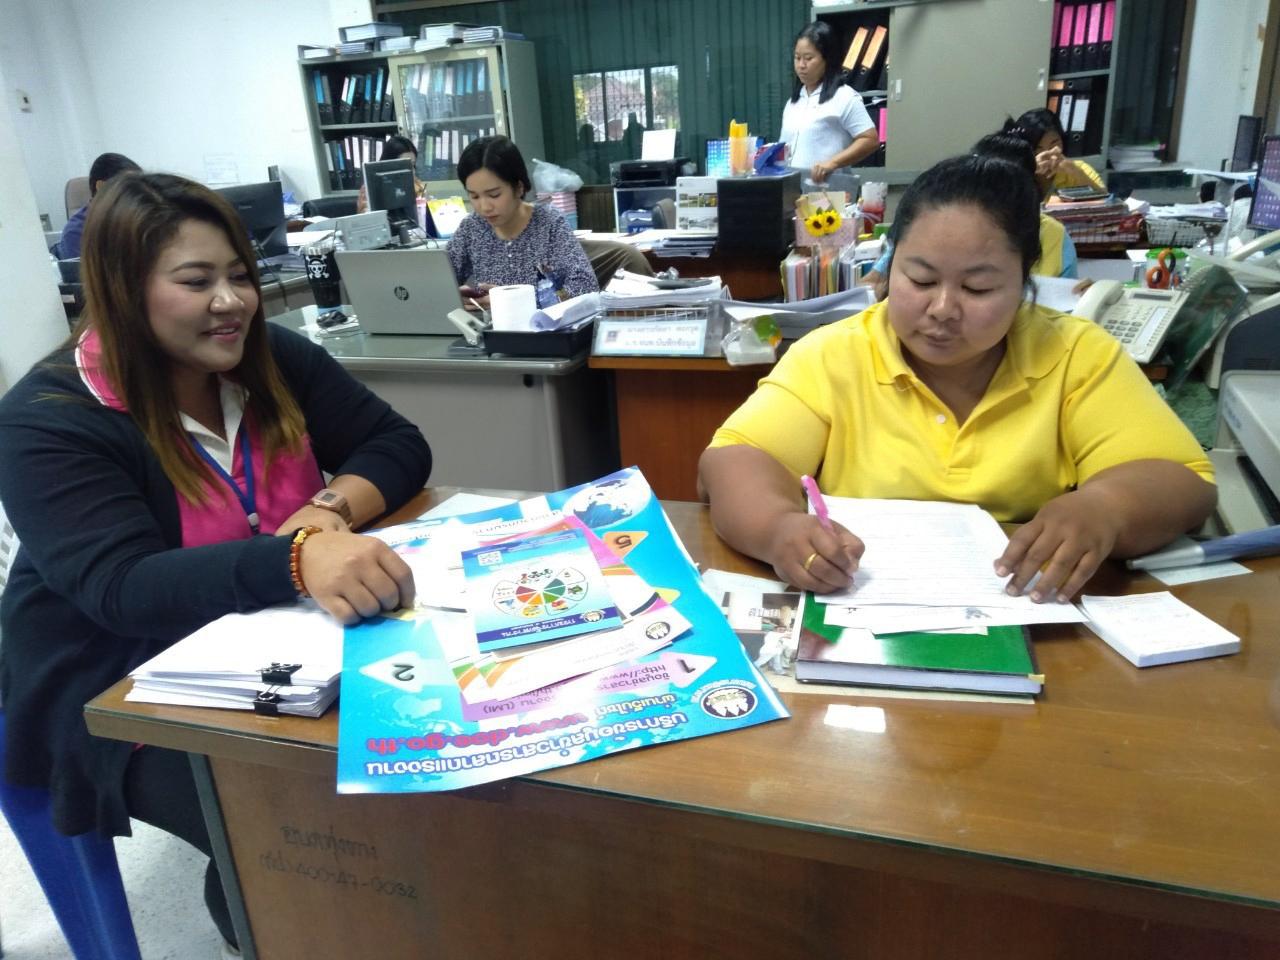 โครงการขยายเครือข่ายข้อมูลข่าวสารตลาดแรงงานสู่ตำบล หมู่บ้าน (ปีงบประมาณ 2563) พื้นที่ จ.ชลบุรี